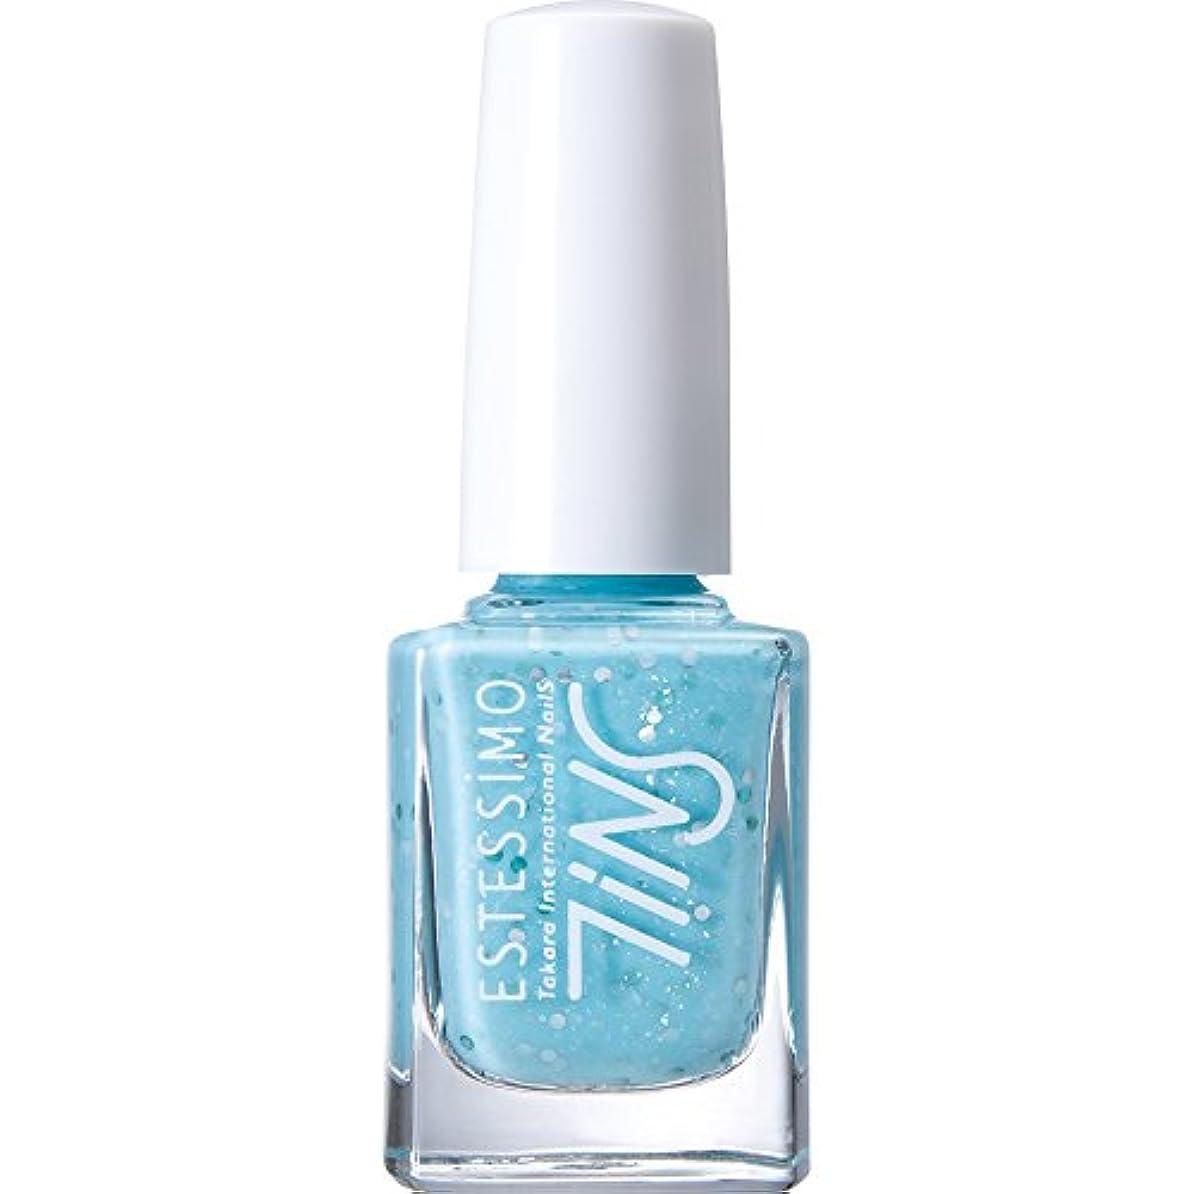 確率形状再発するTiNS カラーポリッシュ 804 フィジーブルーパンチ 11ml 2015年春の限定色「Sugarsprinkles! 」シリーズ